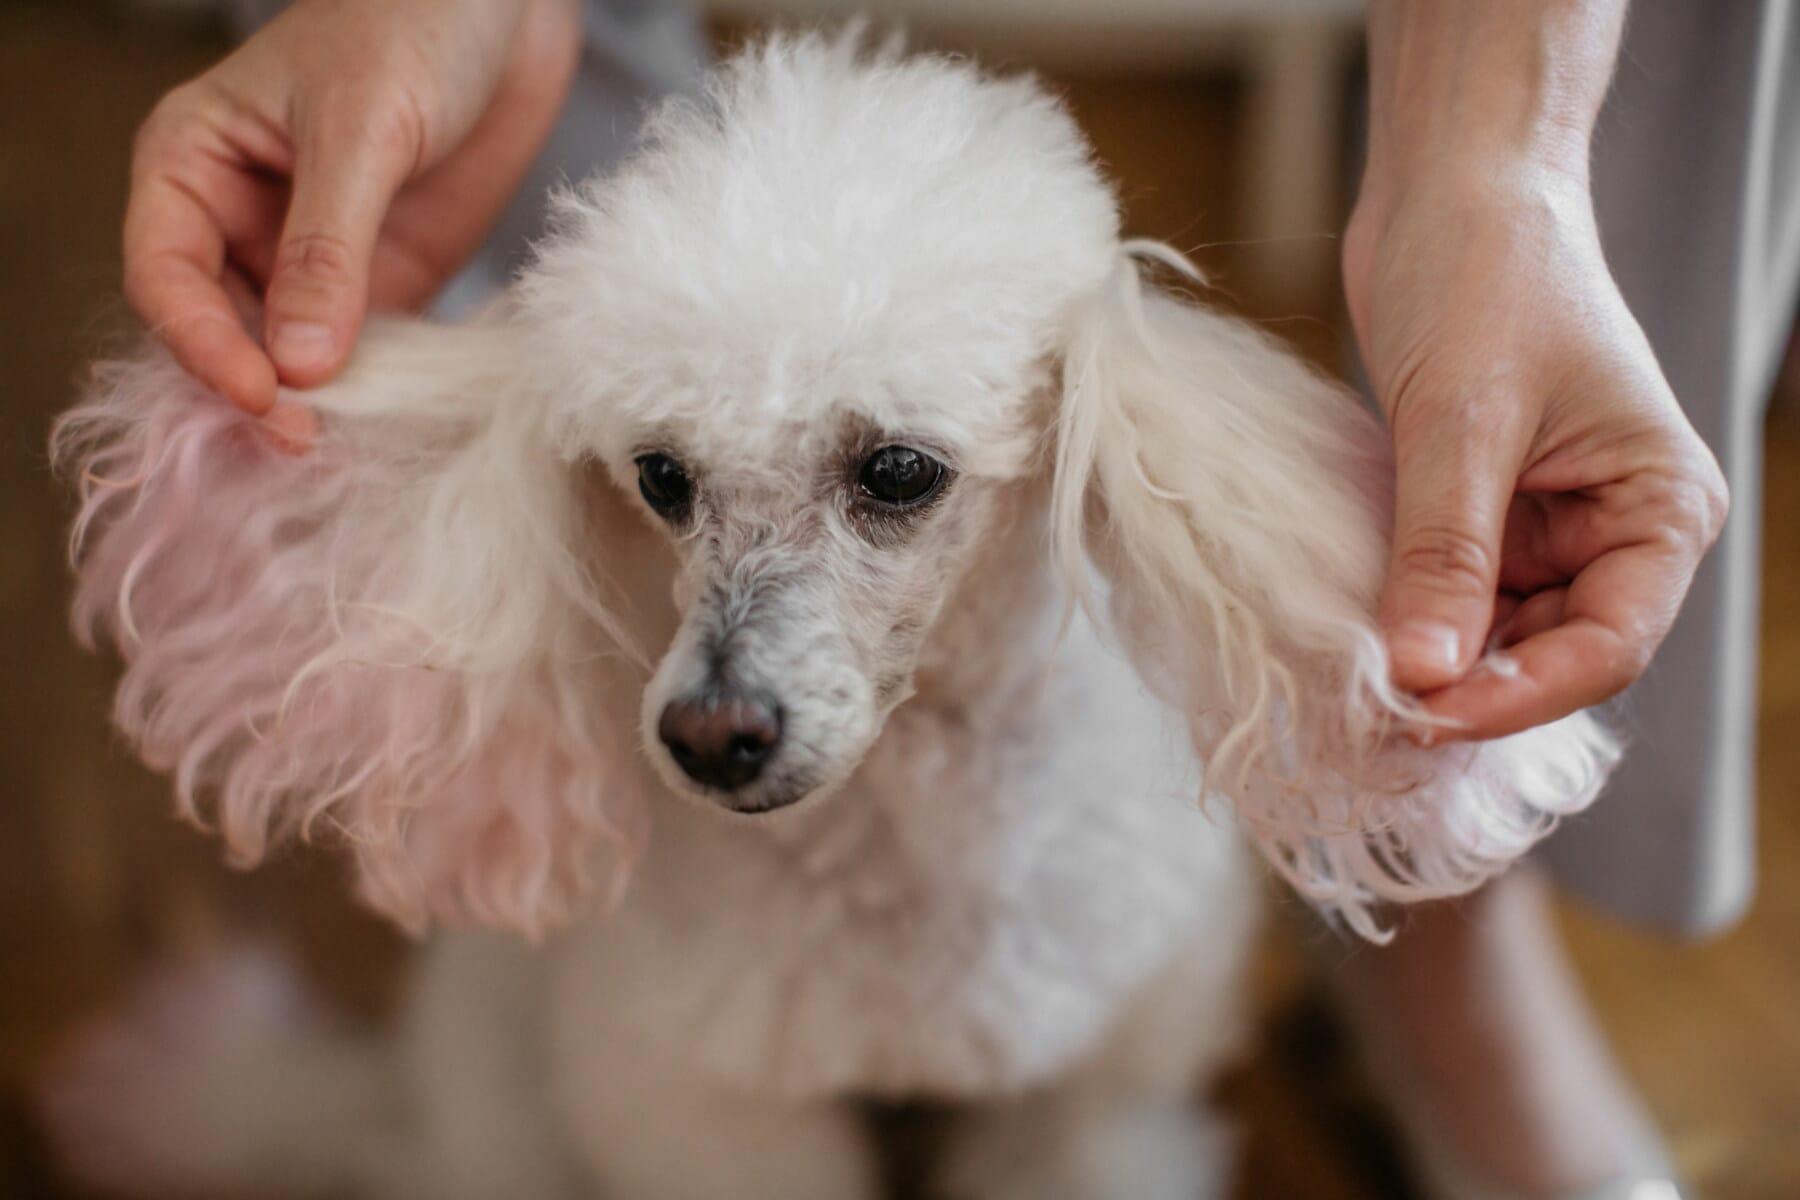 branco, engraçado, cão, cabeça, orelha, olhos, perto, animal de estimação, animal, canino